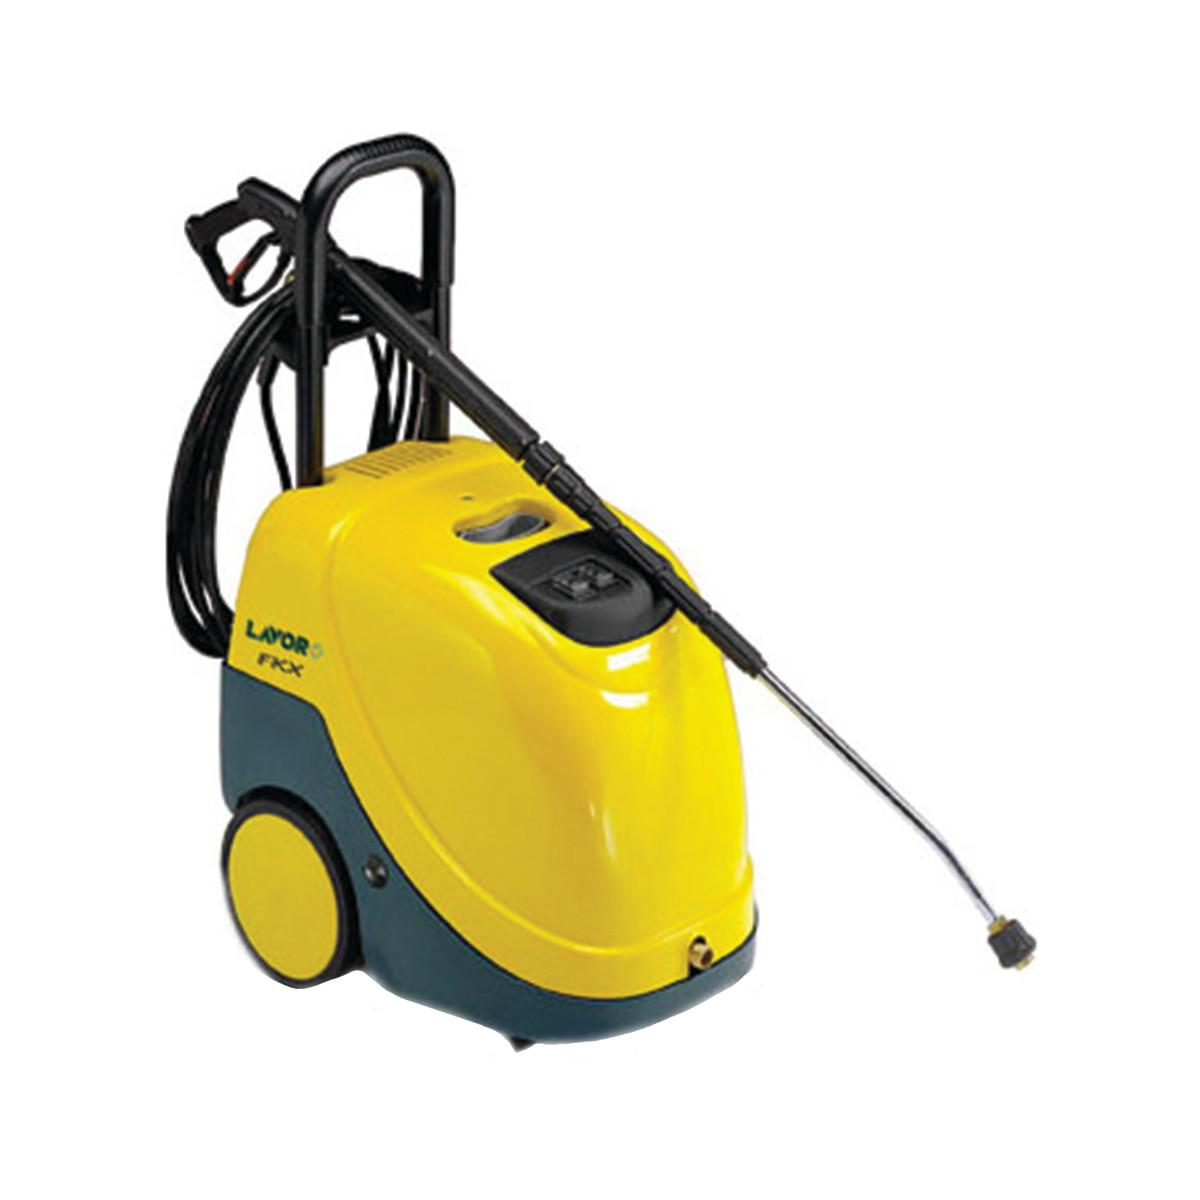 Lavorwash idropulitrice ad acqua fredda 2100 watt prezzo for Motore tapparelle leroy merlin